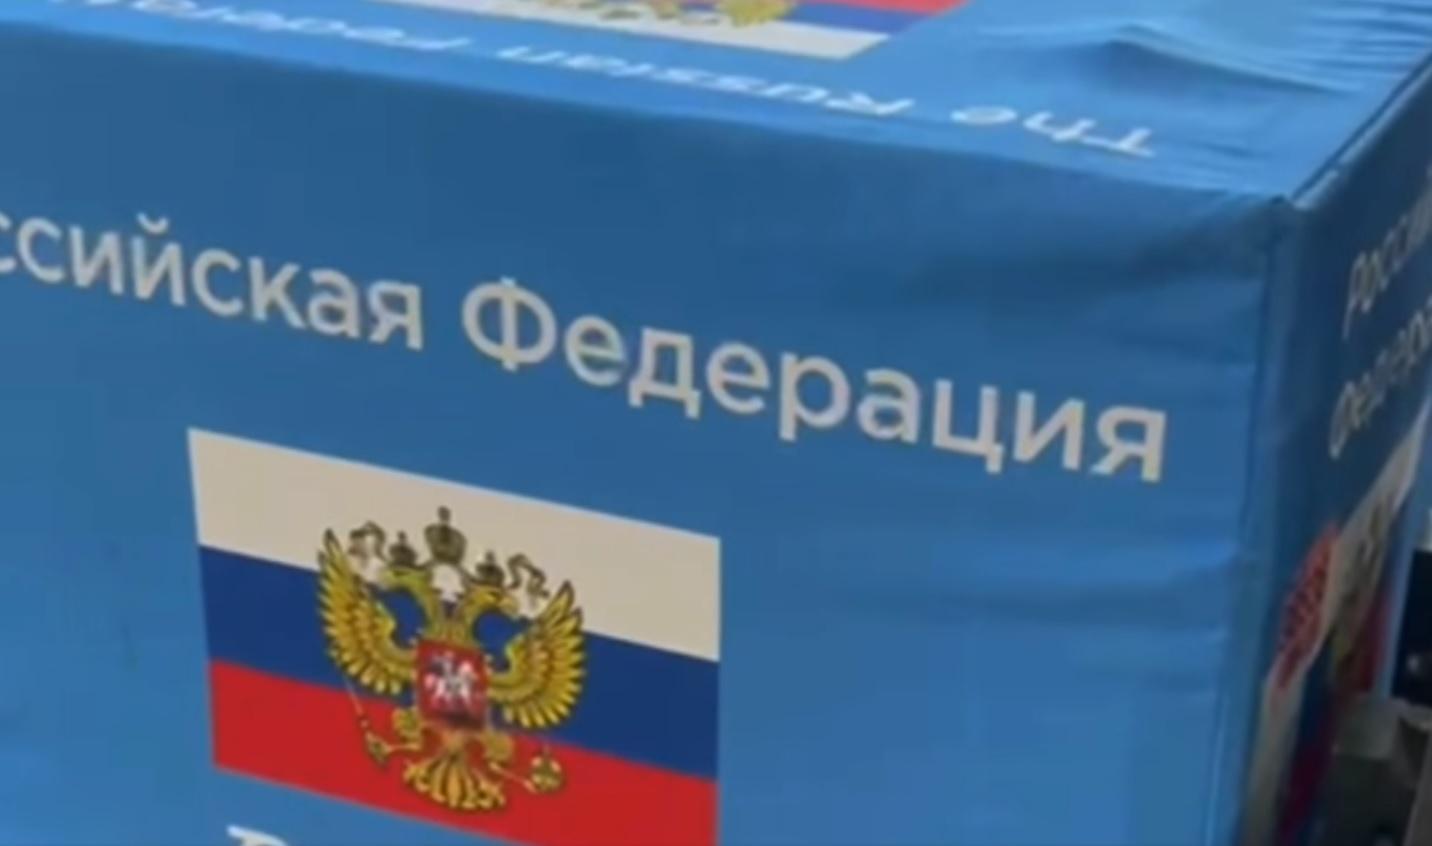 الصحة: تسلمنا 20 ألف جرعة من لقاح سبوتنيك مقدمة من الرئيس الشيشاني